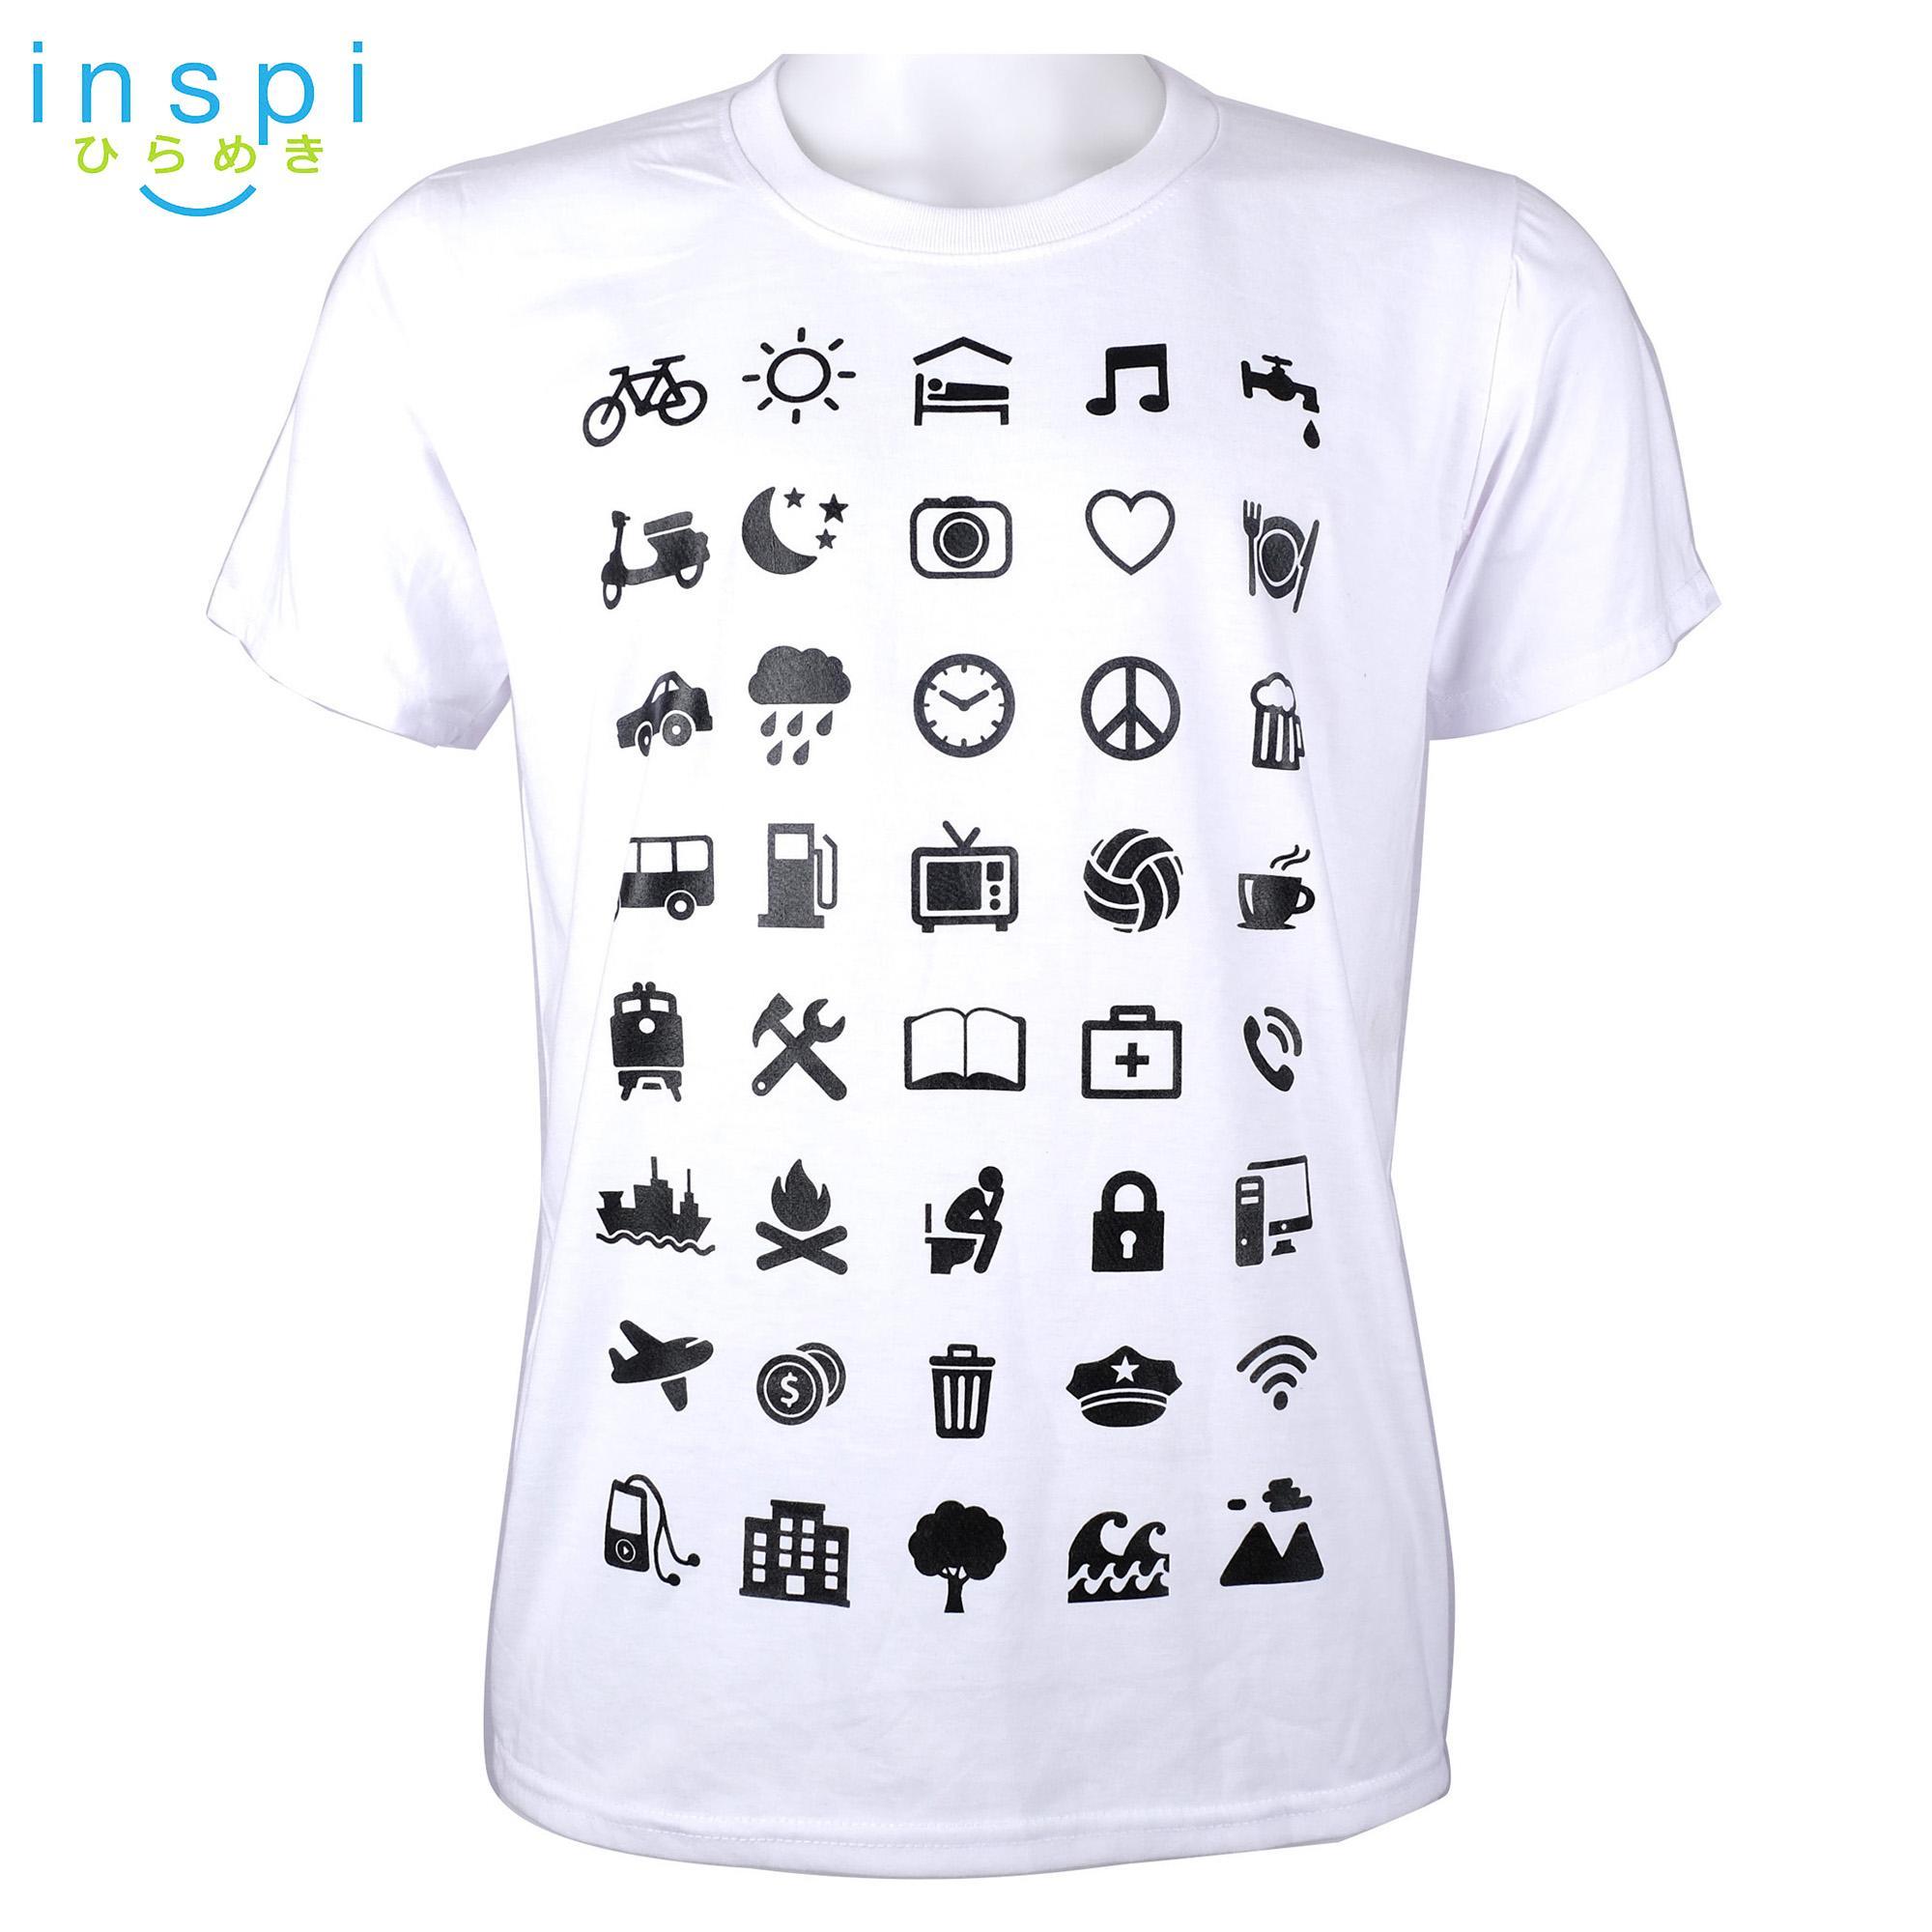 51e64a7dbb3 INSPI Tees Travel Symbols tshirt printed graphic tee Mens t shirt shirts  for men tshirts sale